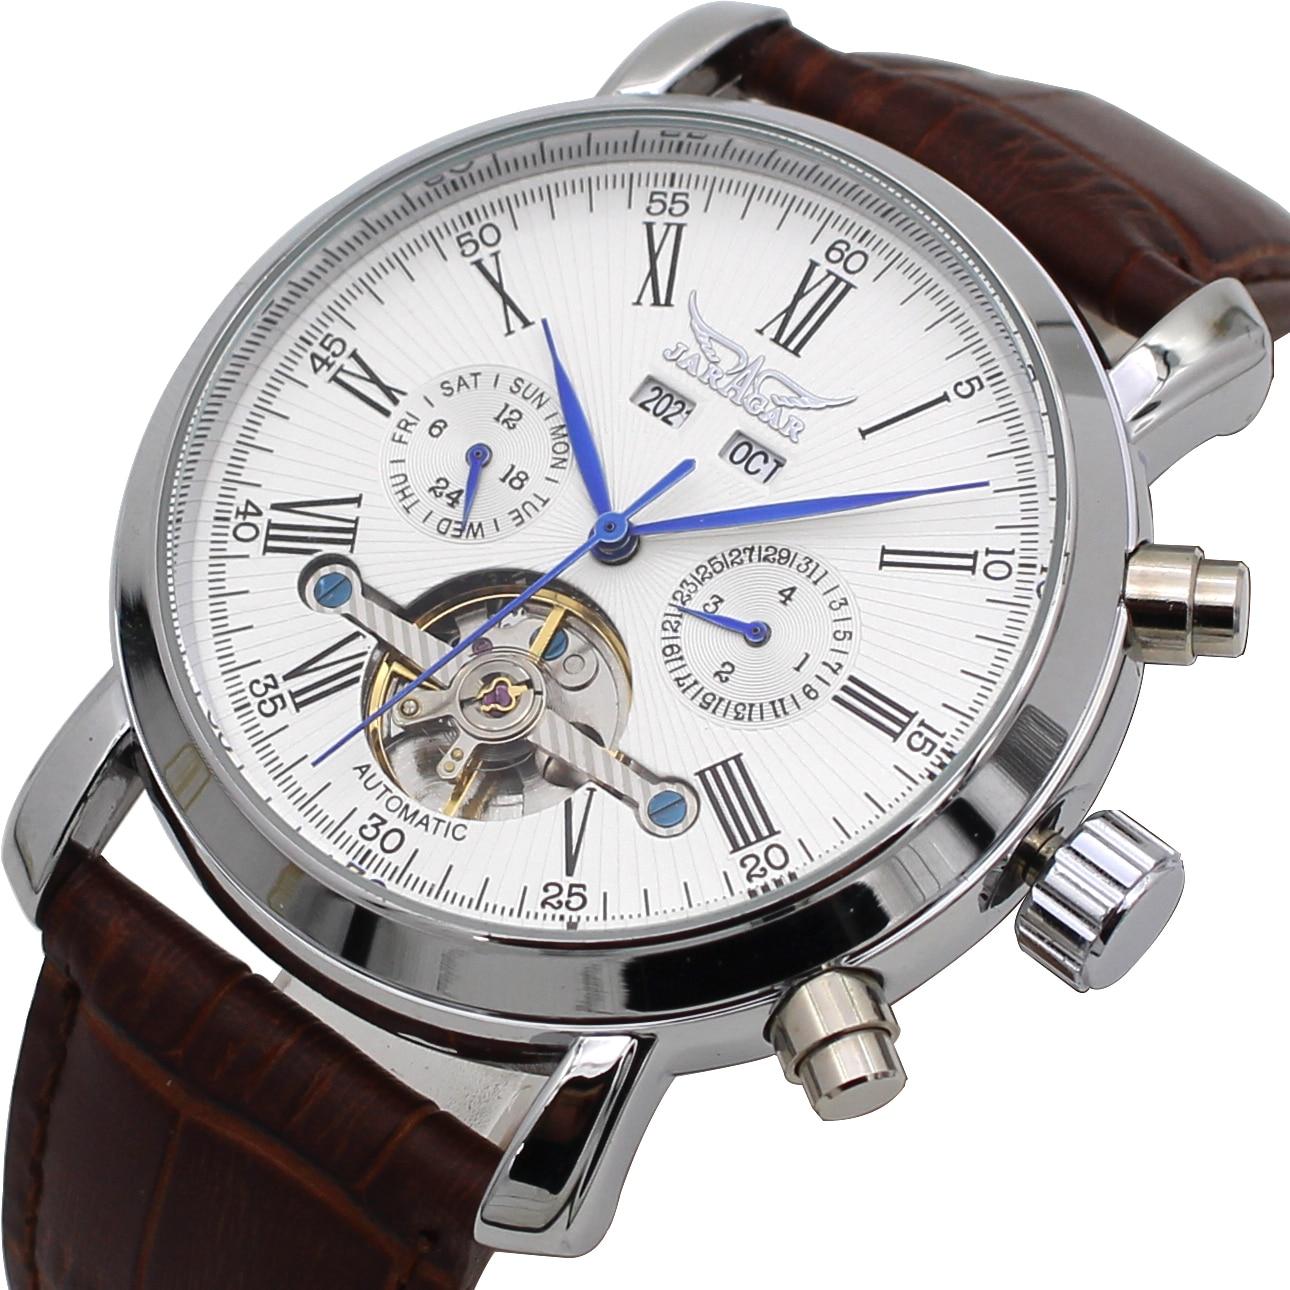 JARAGAR montre homme automatique mécanique Tourbillon montre top marque luxe calendrier jour semaine année montre cuir Reloj hombres